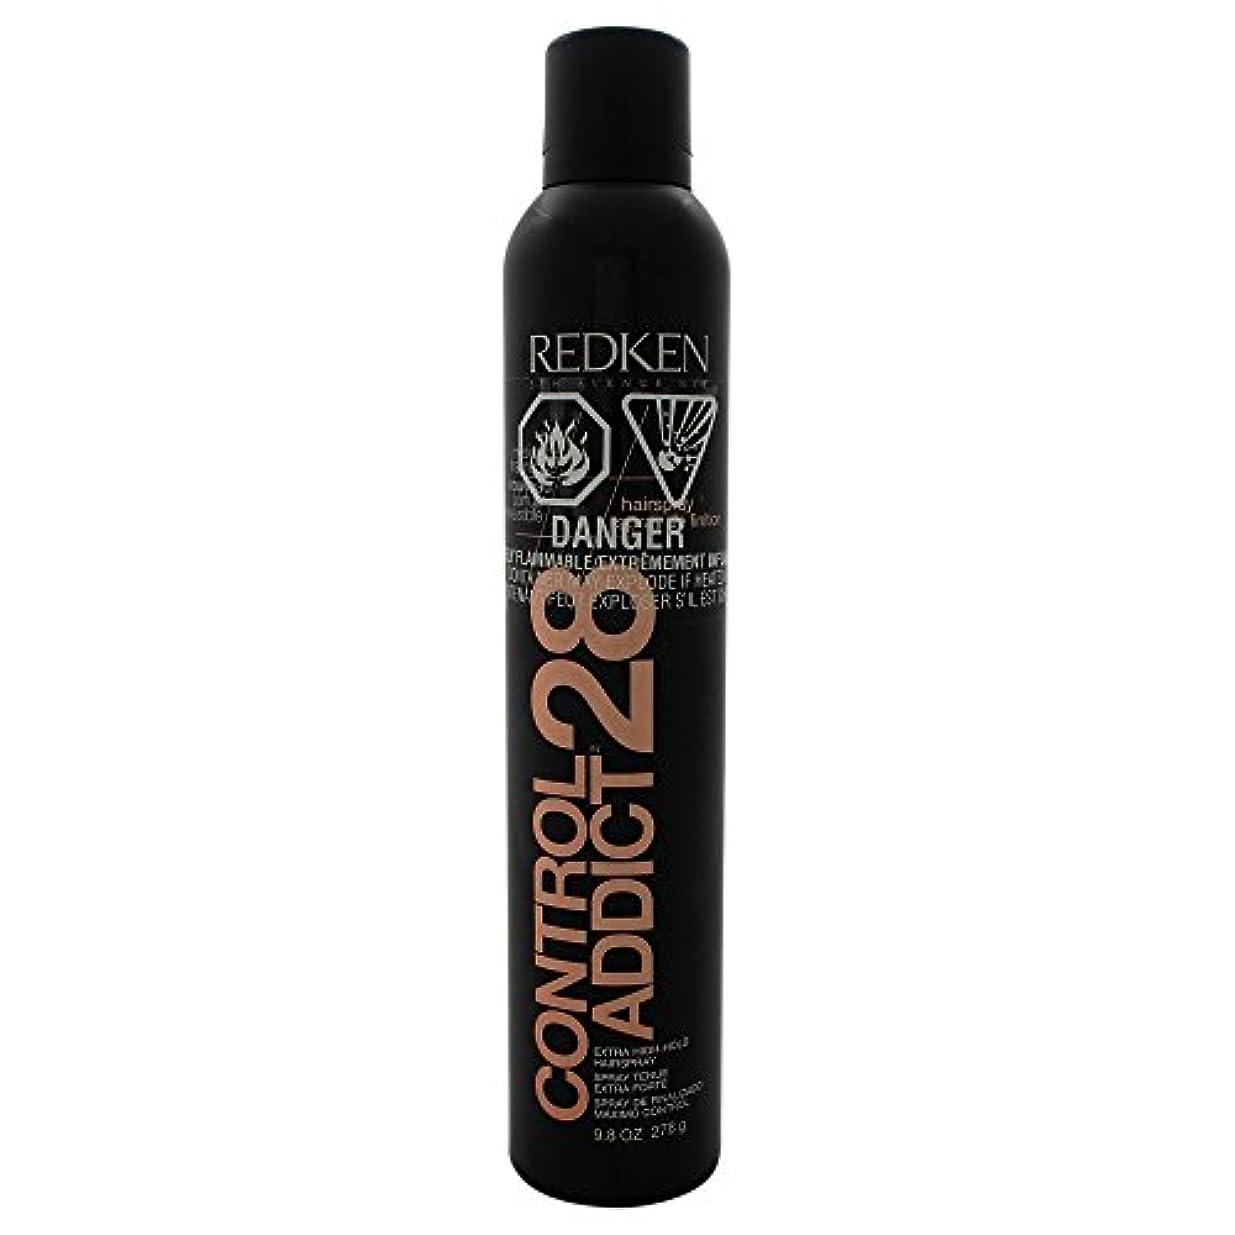 重荷余計な神社by Redken CONTROL ADDICT 28 EXTRA-HIGH HOLD HAIR SPRAY 9.8 OZ(BLACK PACKAGING) by REDKEN